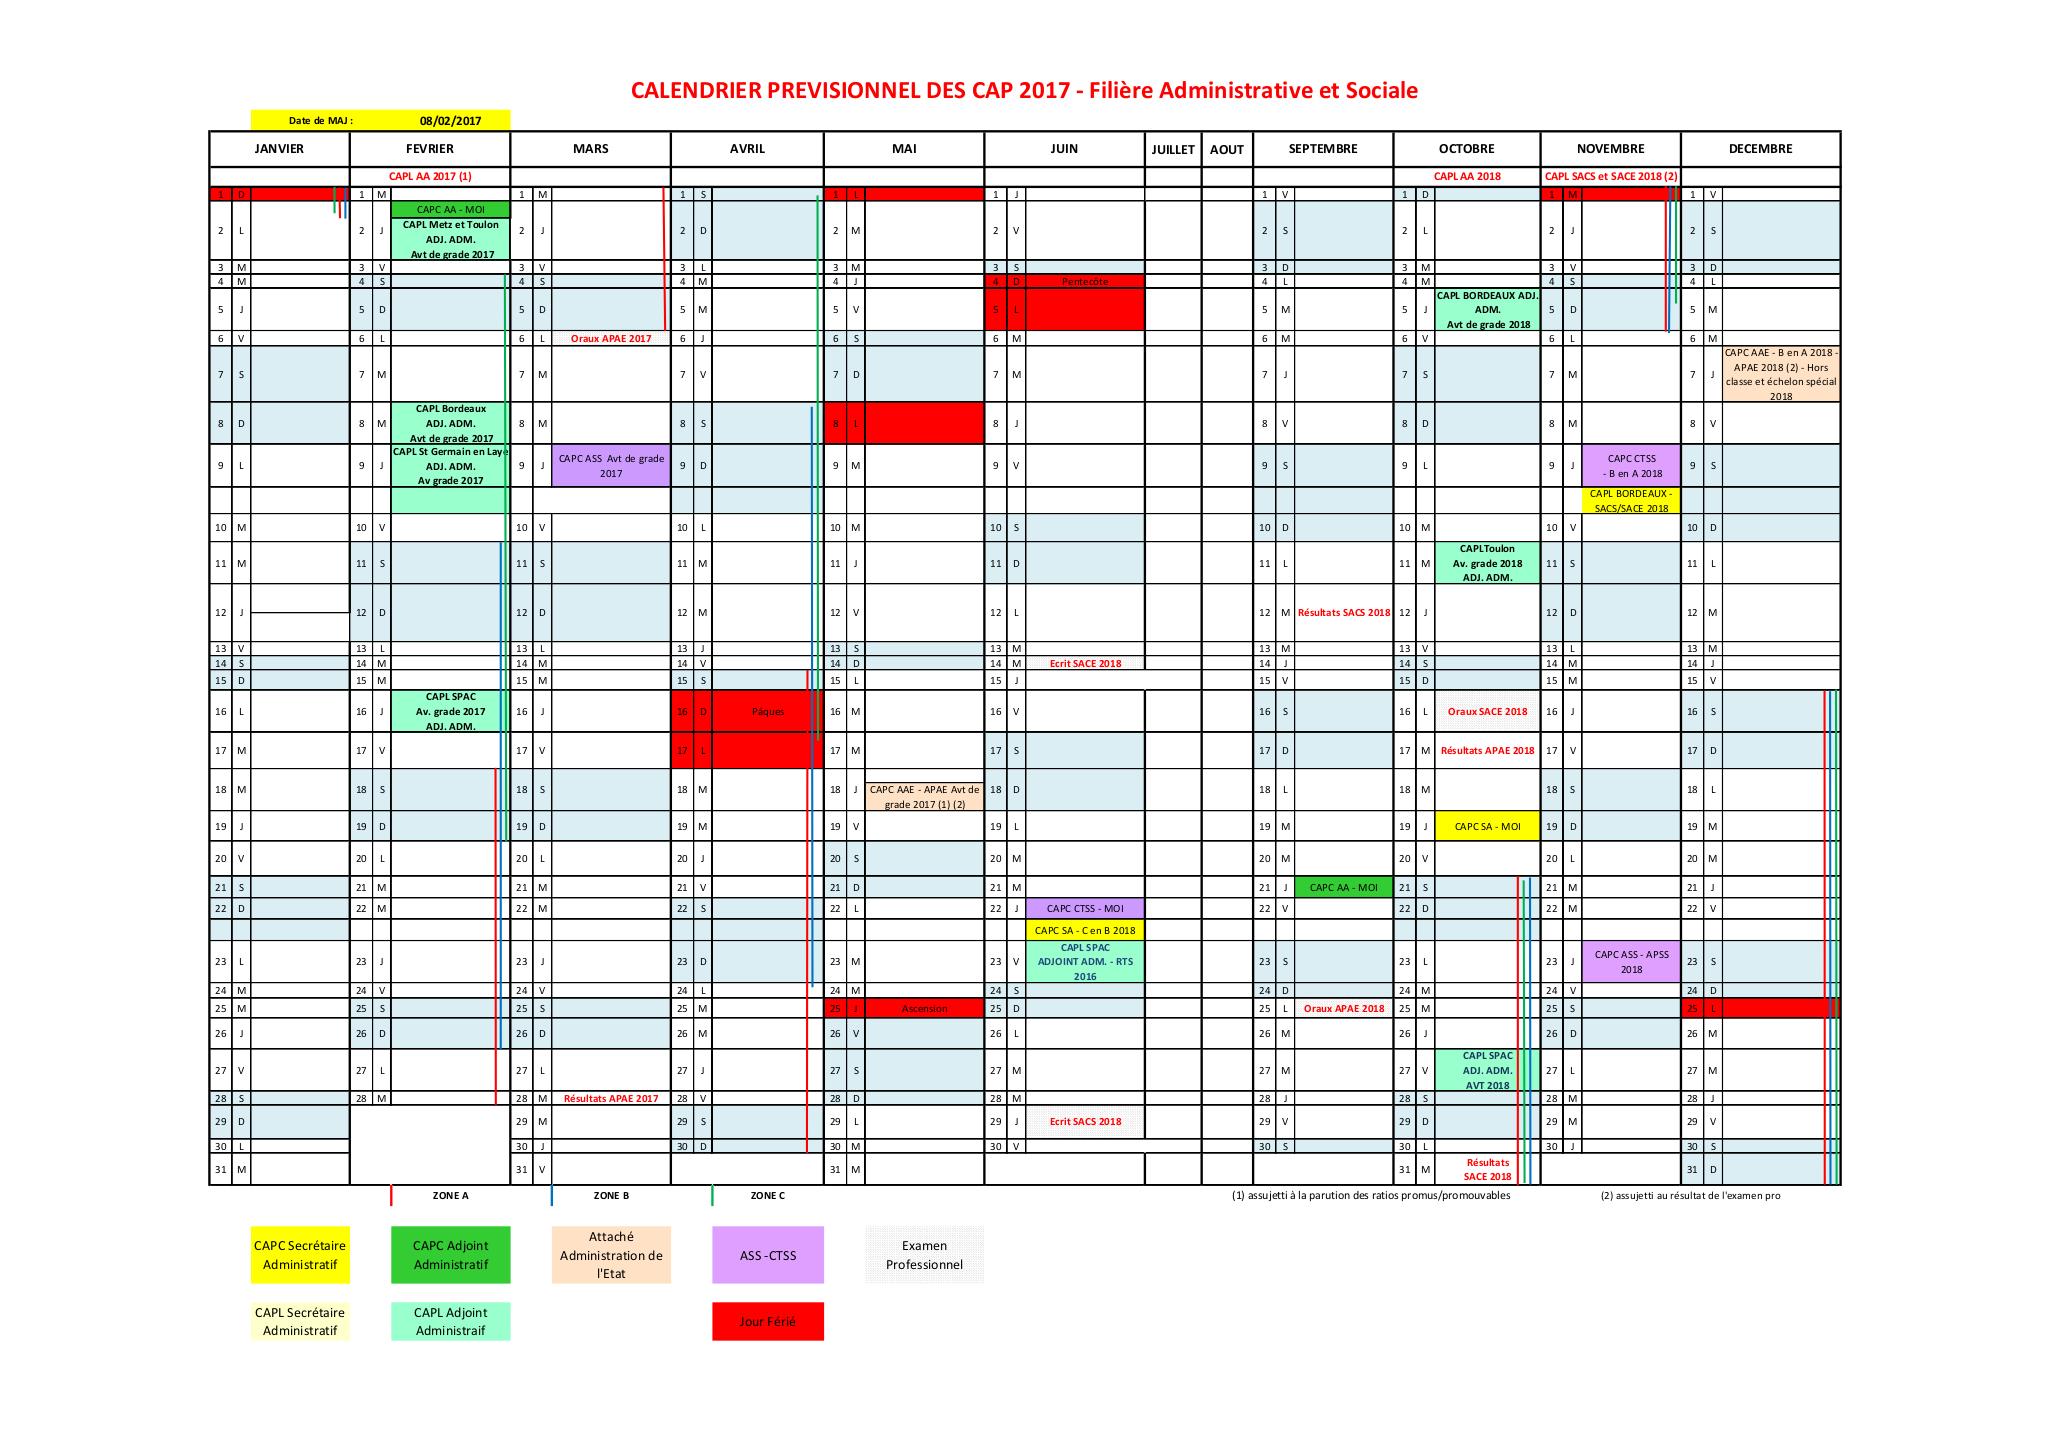 8b3abec5c3f Actualites - Calendrier prévisionnel des CAPC et CAPL en 2017 pour ...